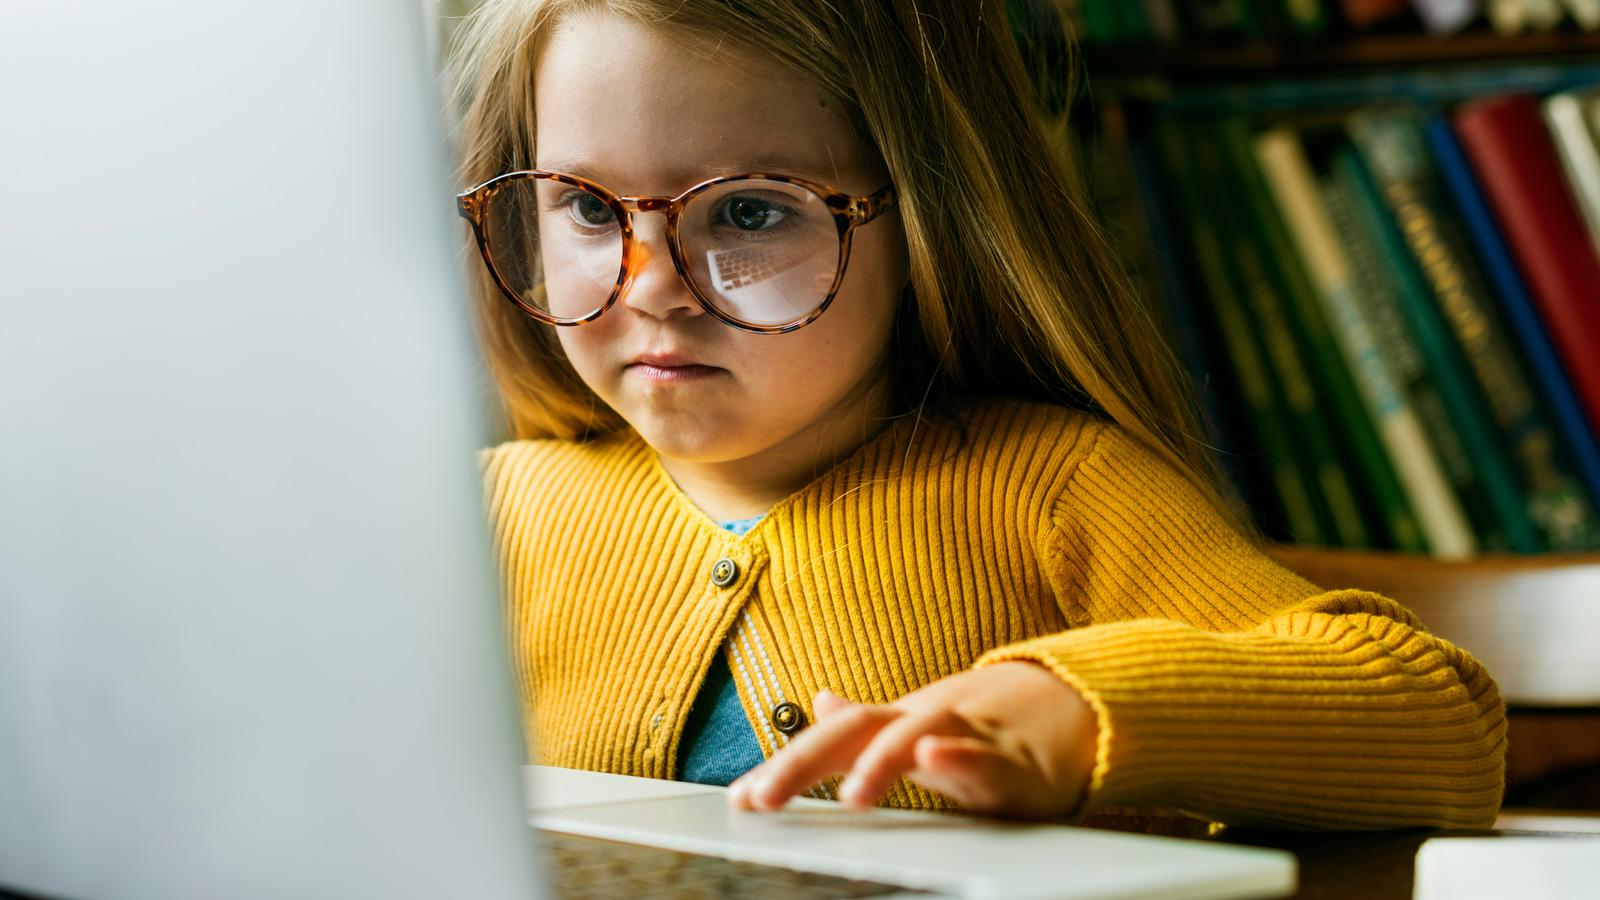 3 największe wyzwania dla nauczycieli i rodziców – Nauka zdalna online mediarun komputer dziecko nauka w domu 2020